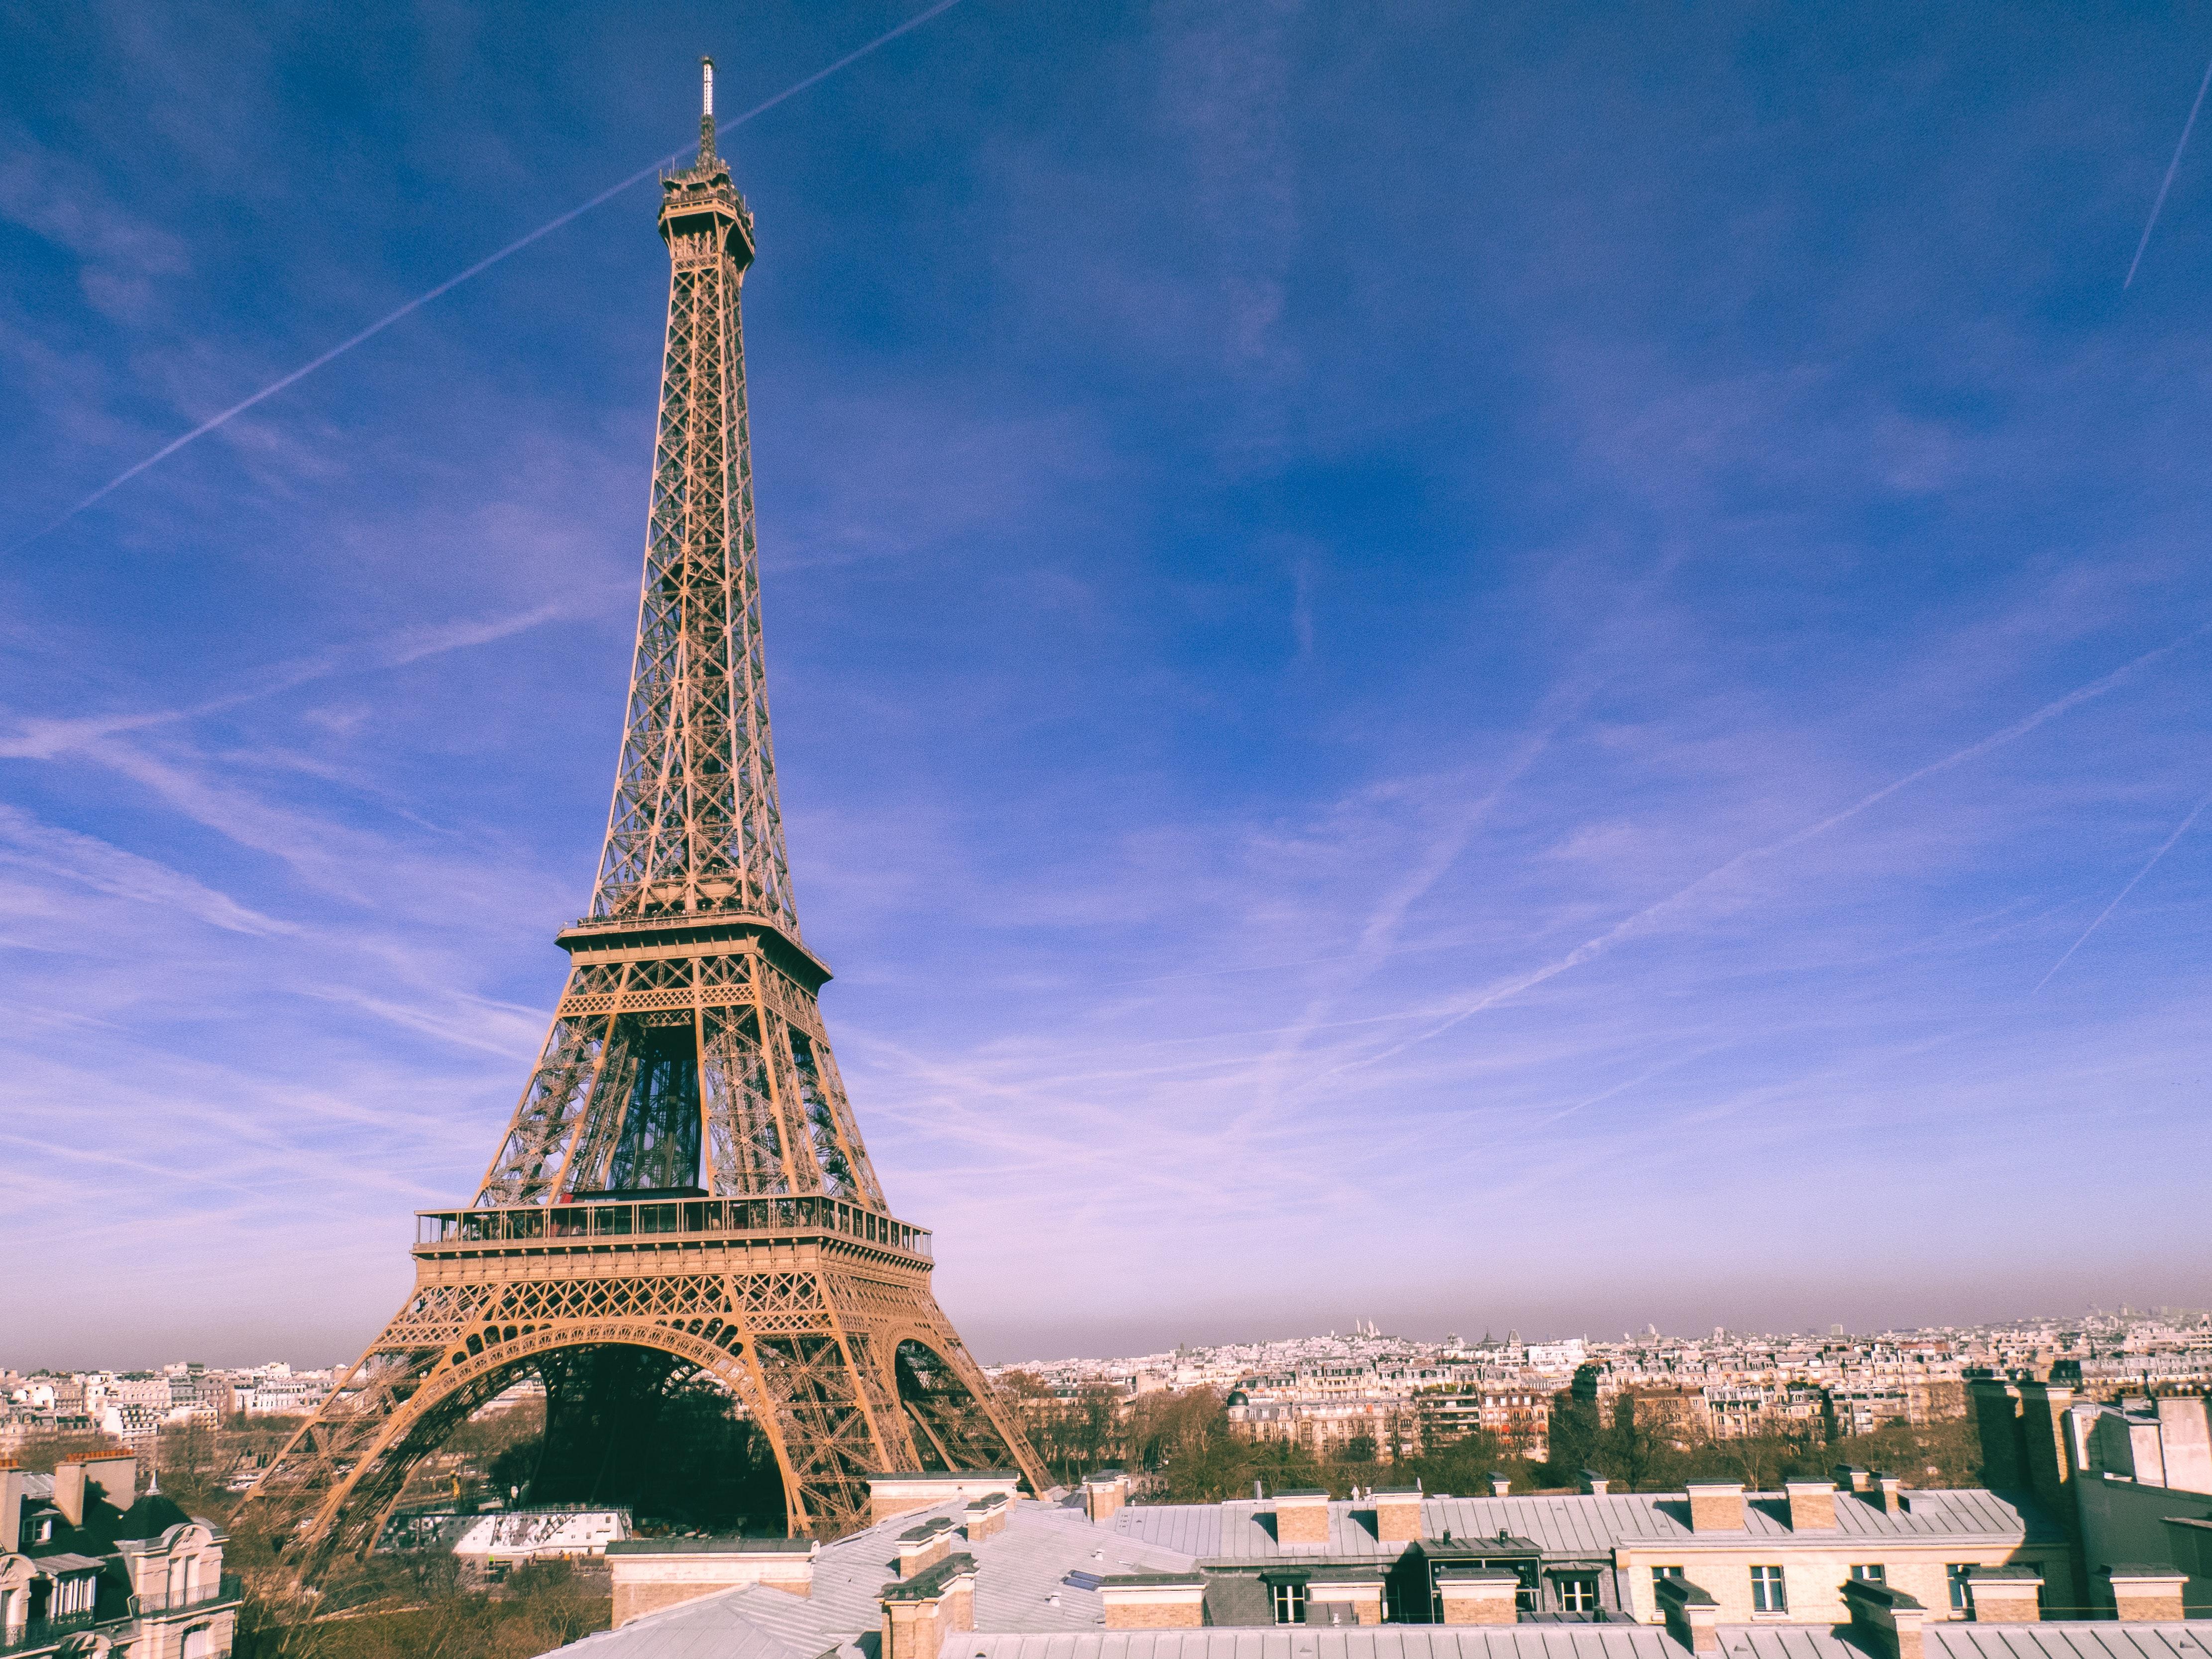 Viajar para Paris: o que levar? 1